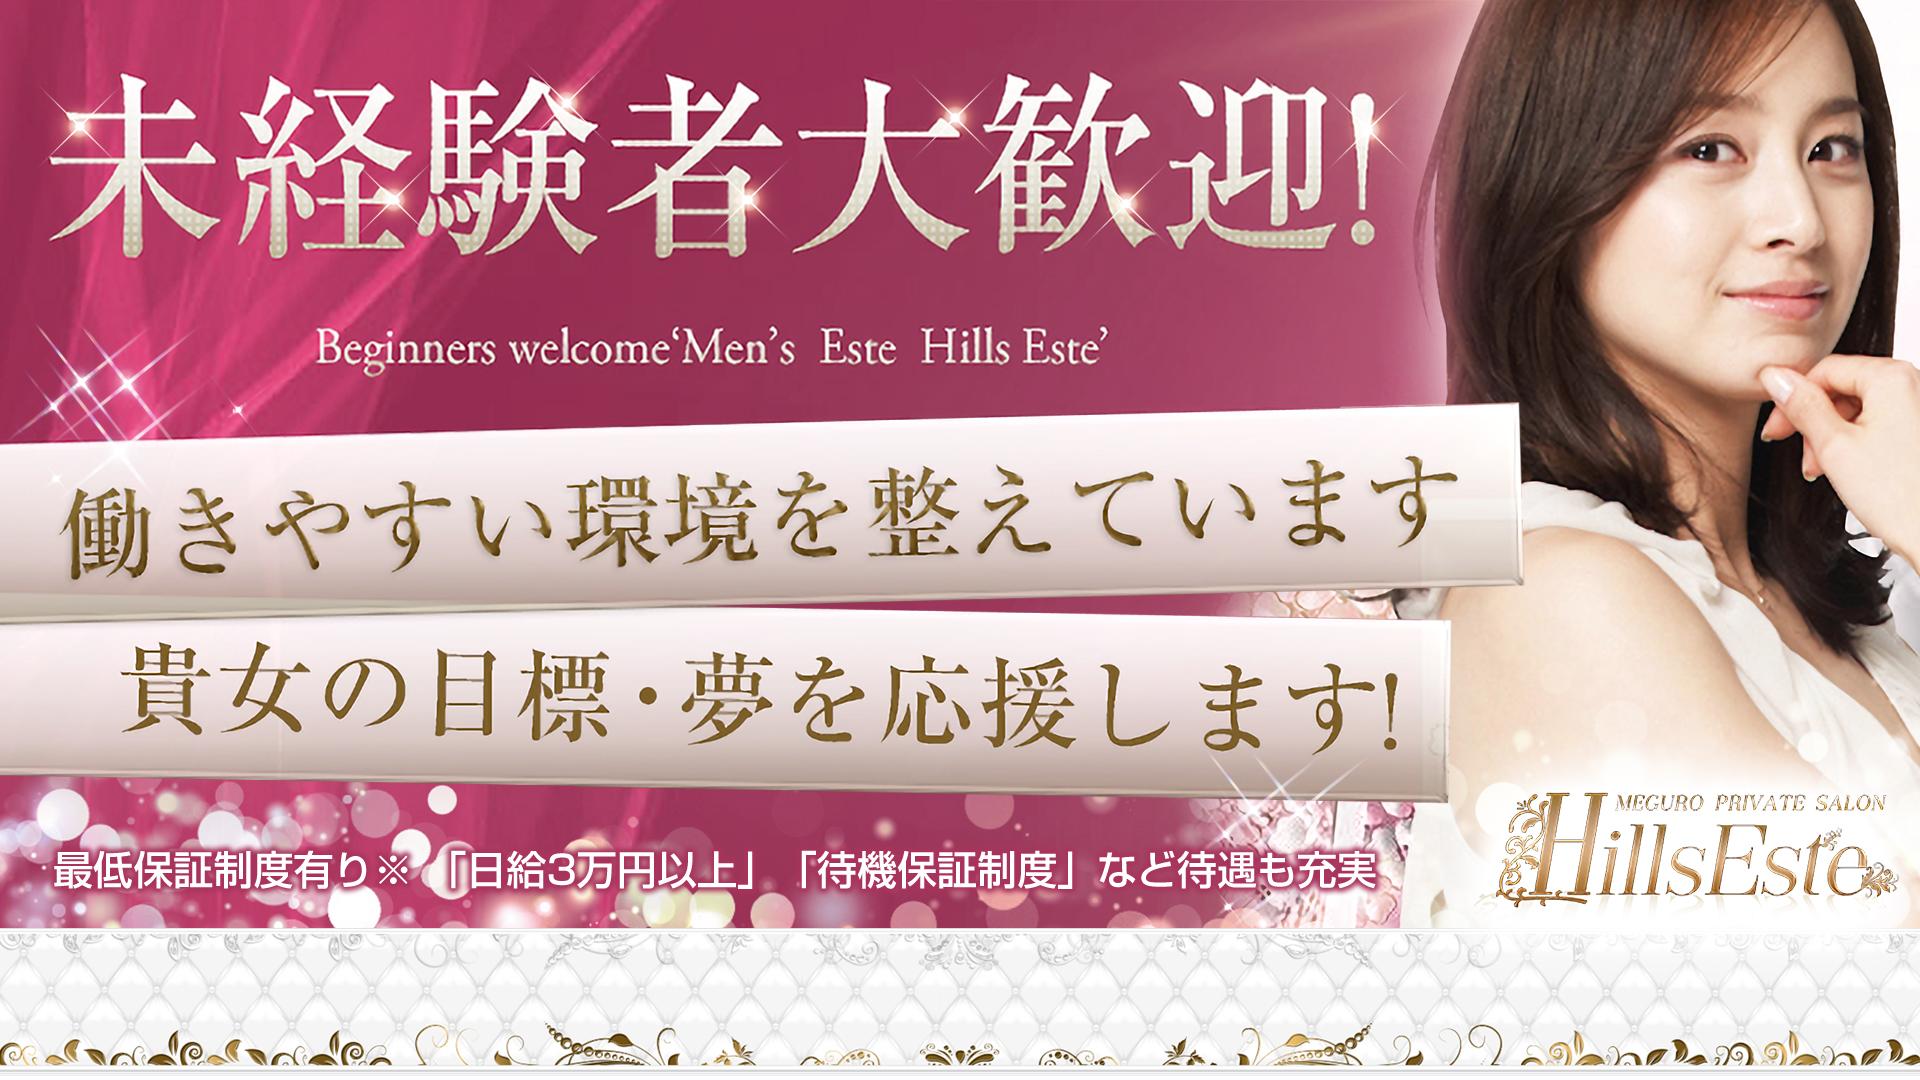 Hills Este(ヒルズエステ)